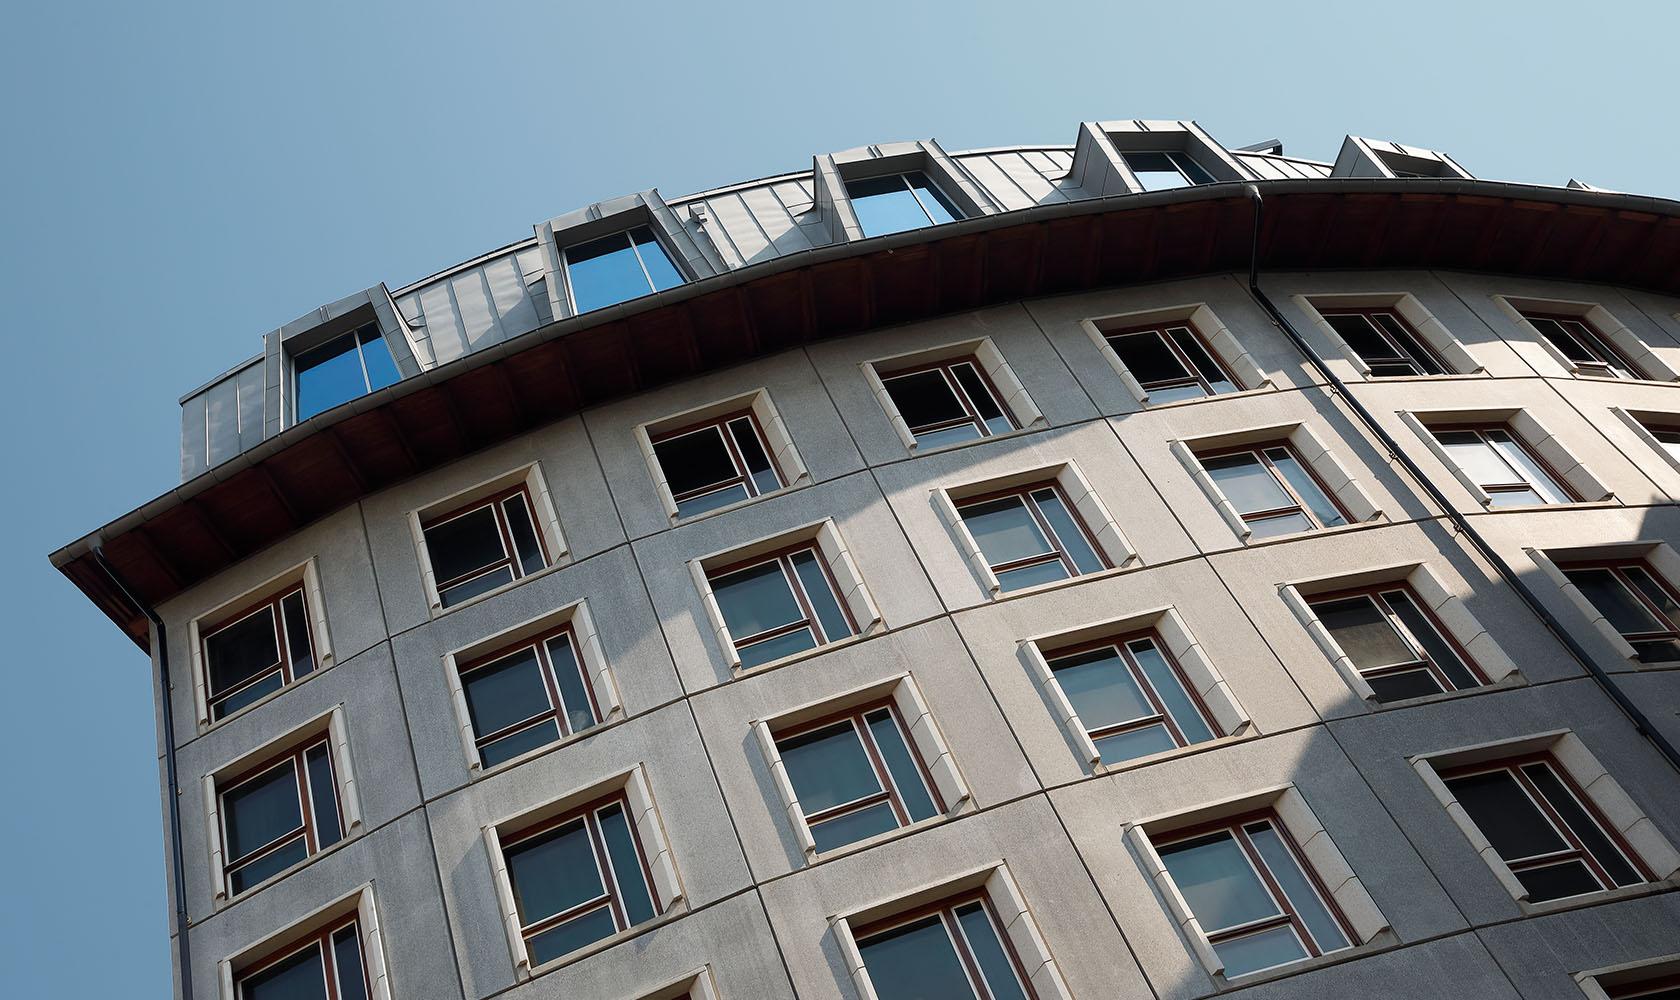 Fasad på Blique by Nobis